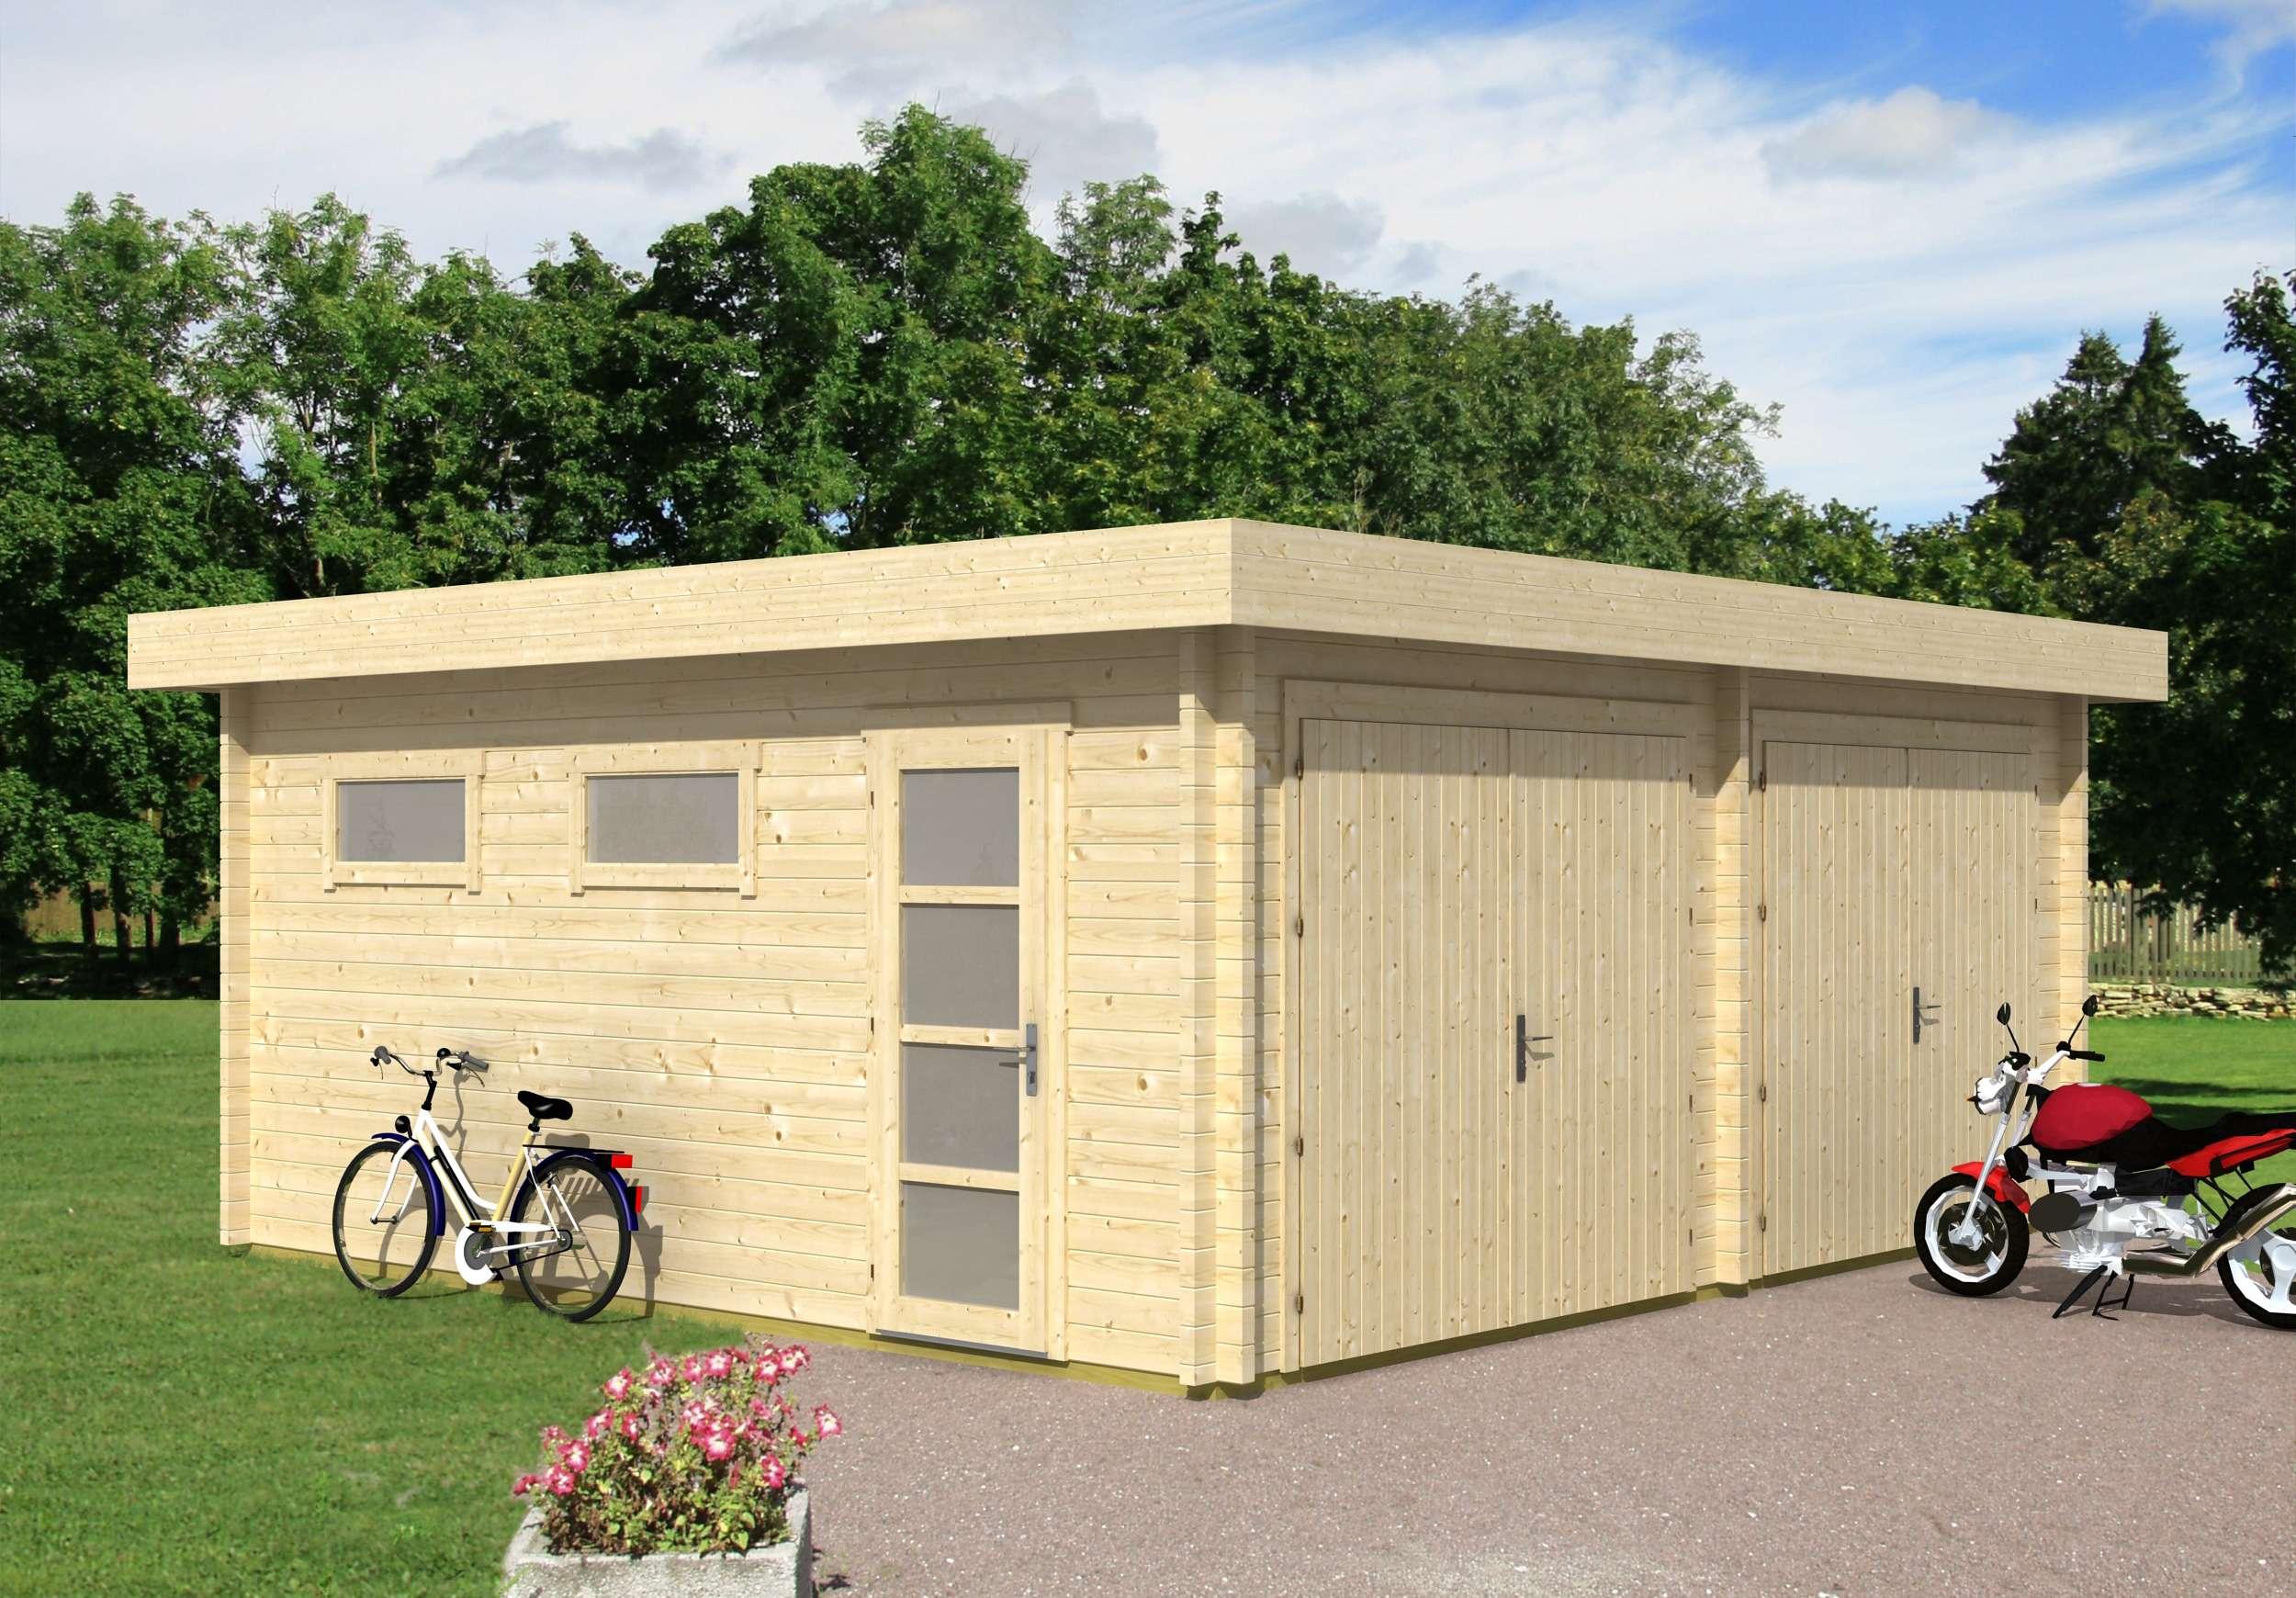 Haus mit doppelgarage flachdach  Fertiggaragen aus Holz kaufen: Holzfertiggaragen bis zu -20%